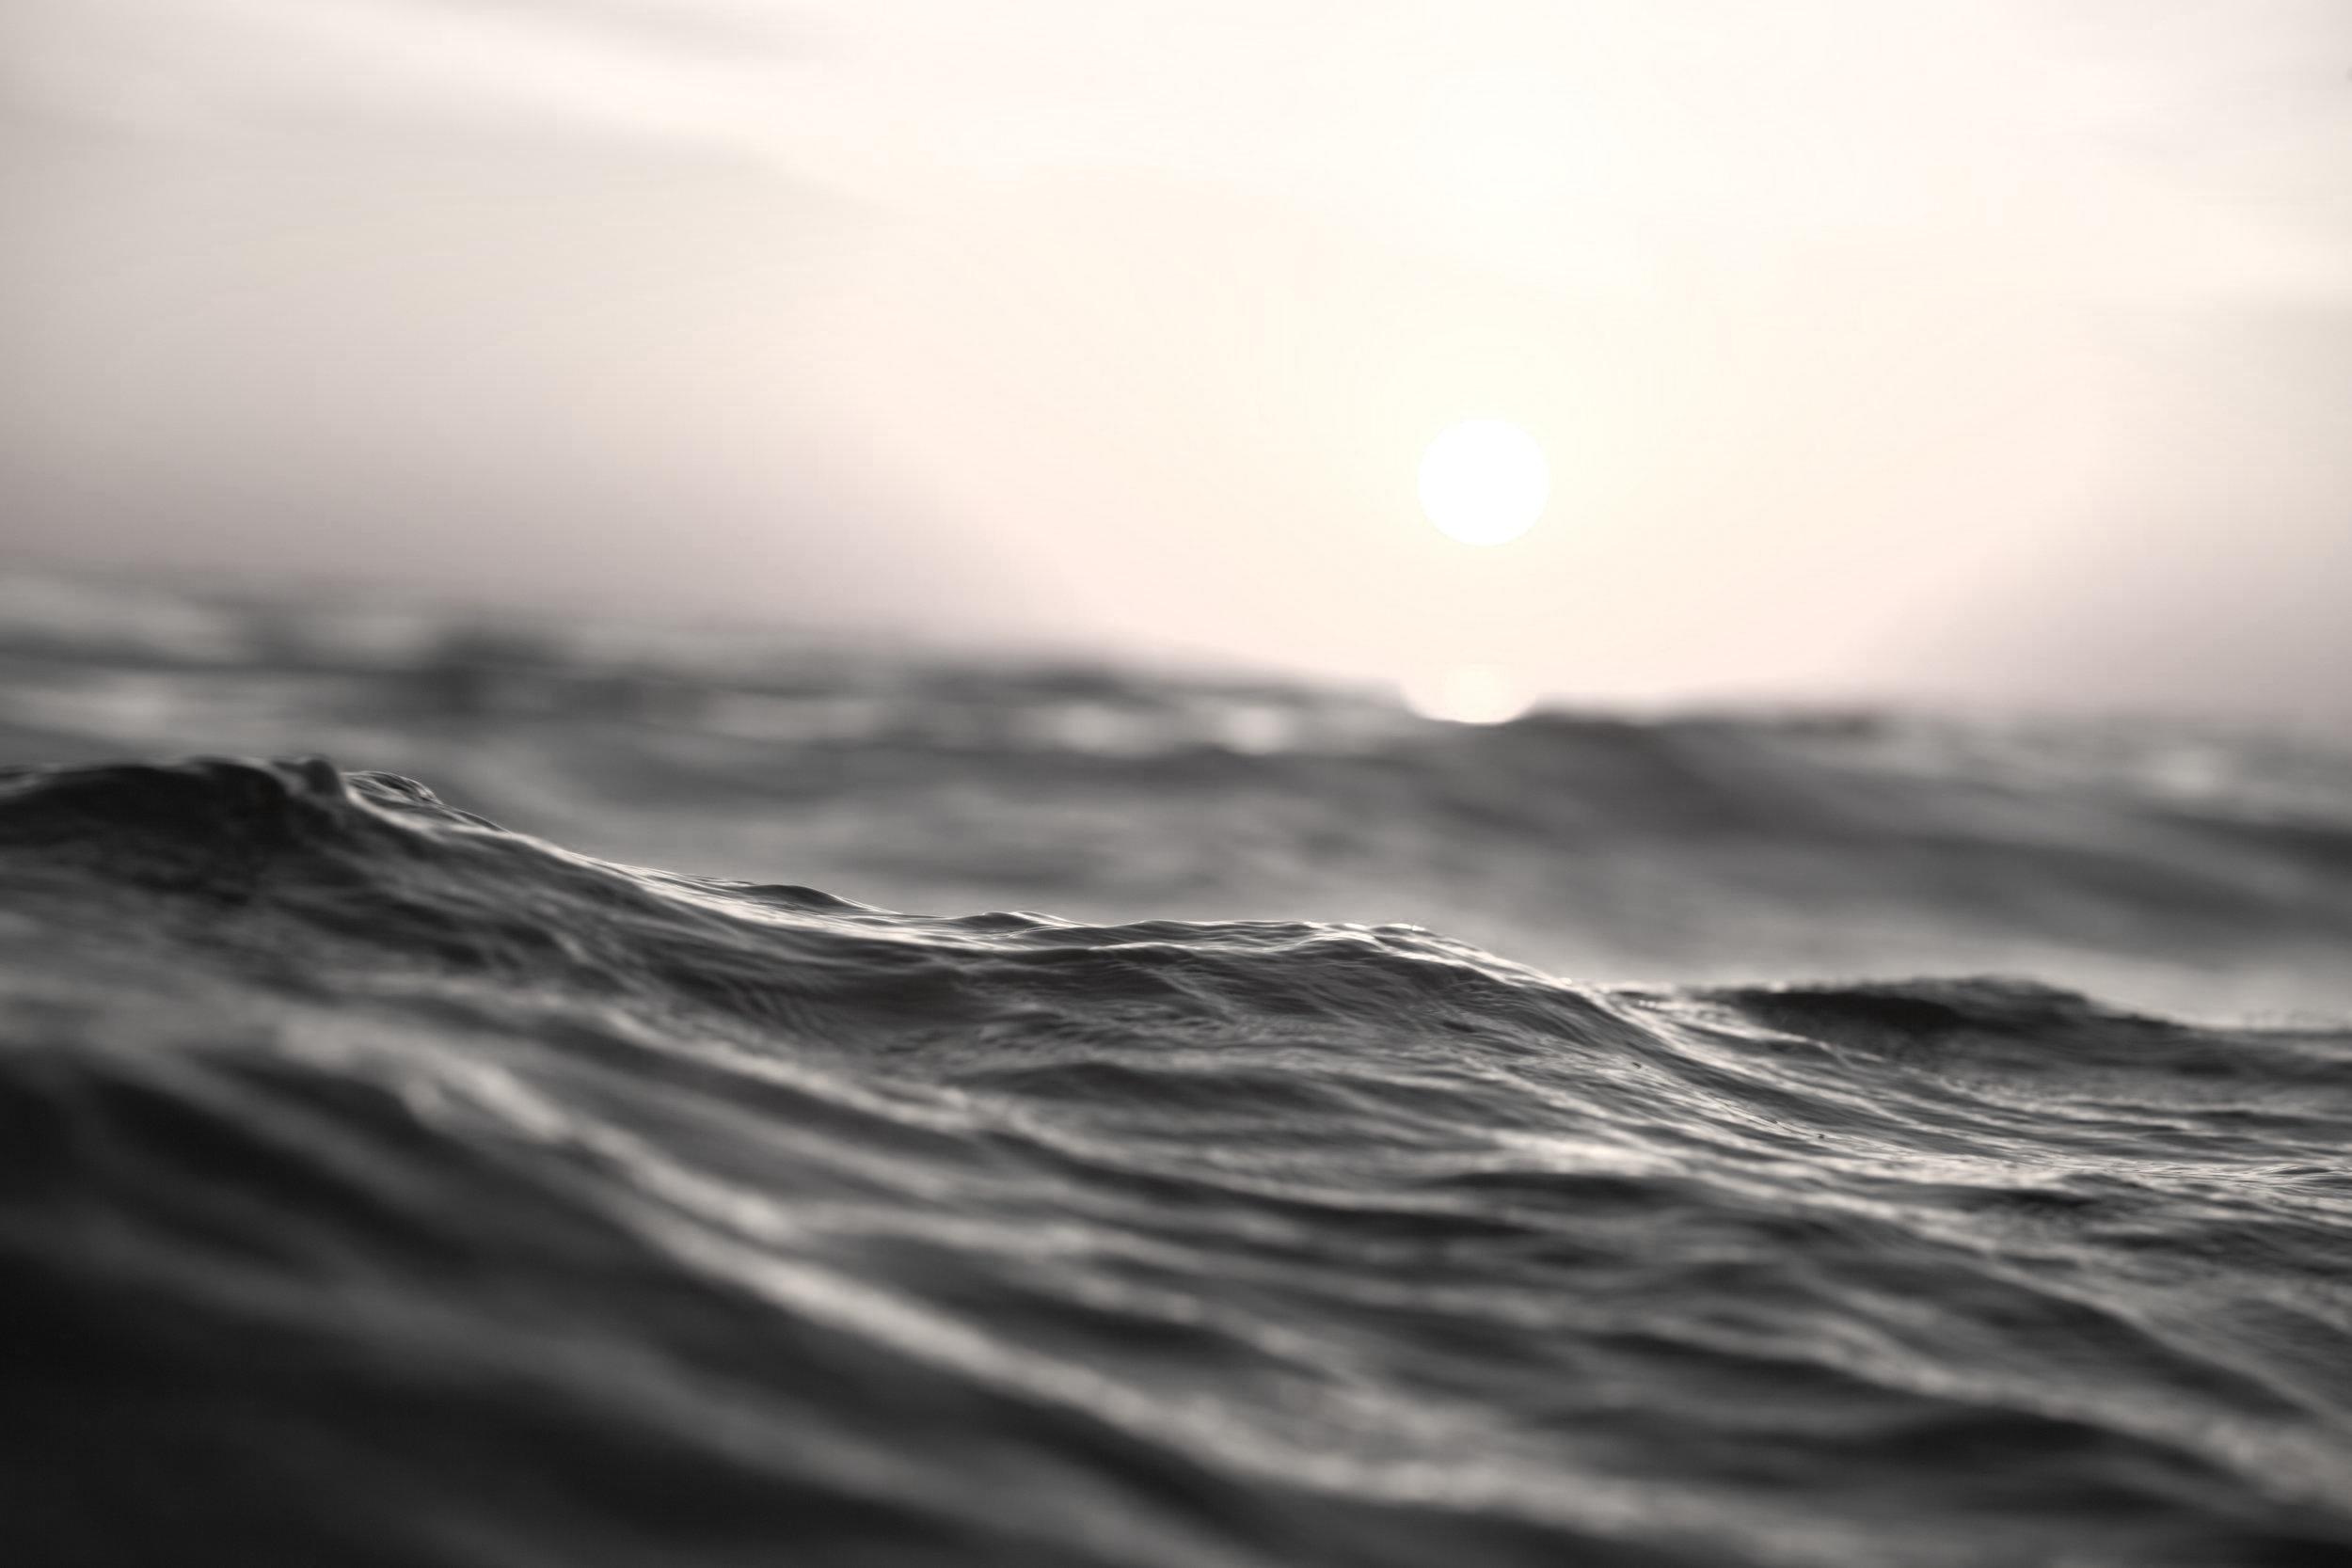 waves-1867285.jpg